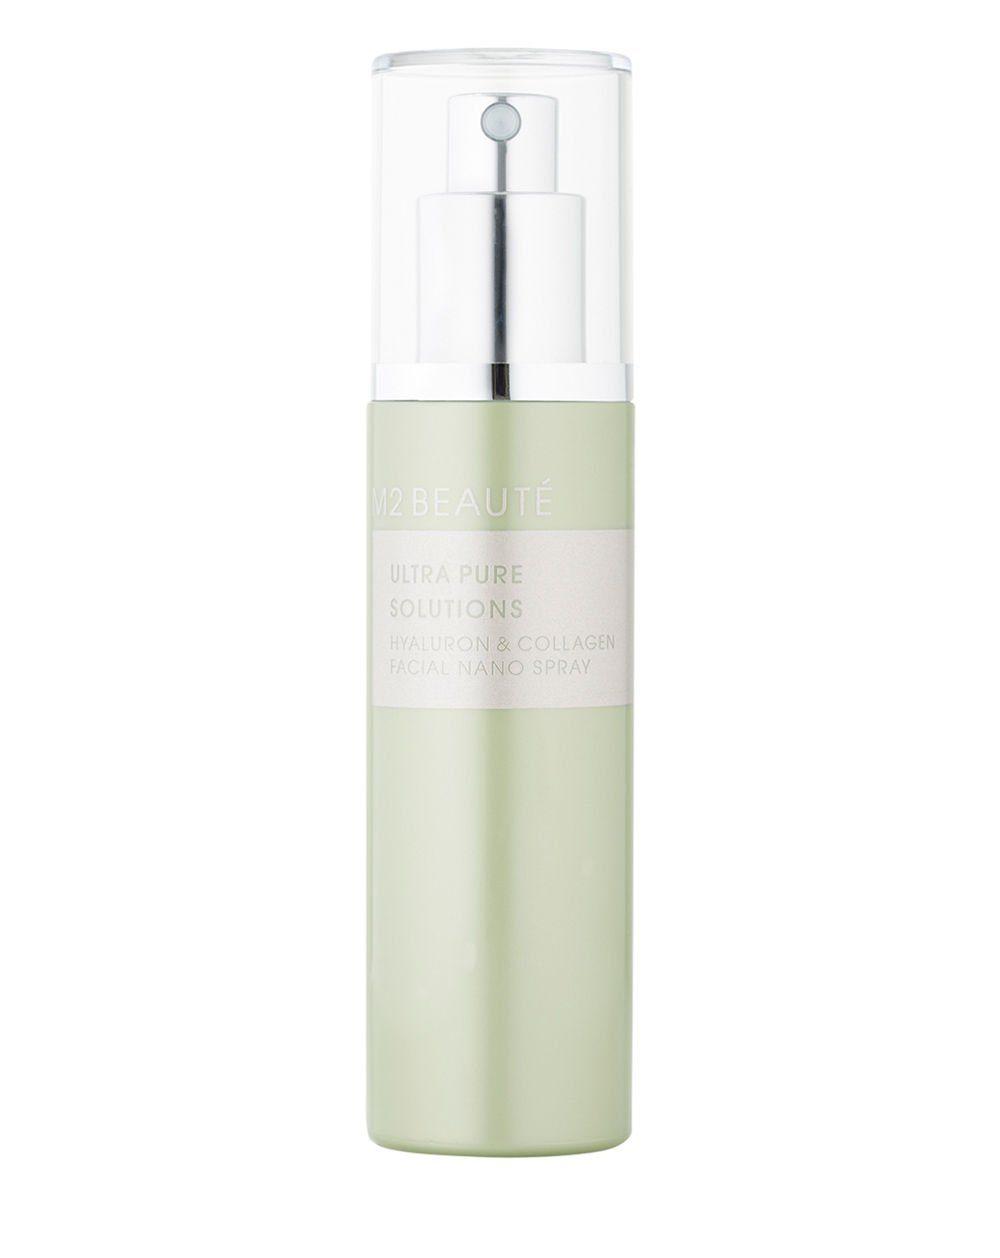 M2 Beauté Gesichtsspray »Hyaluron & Collagen Facial Nano Spray«